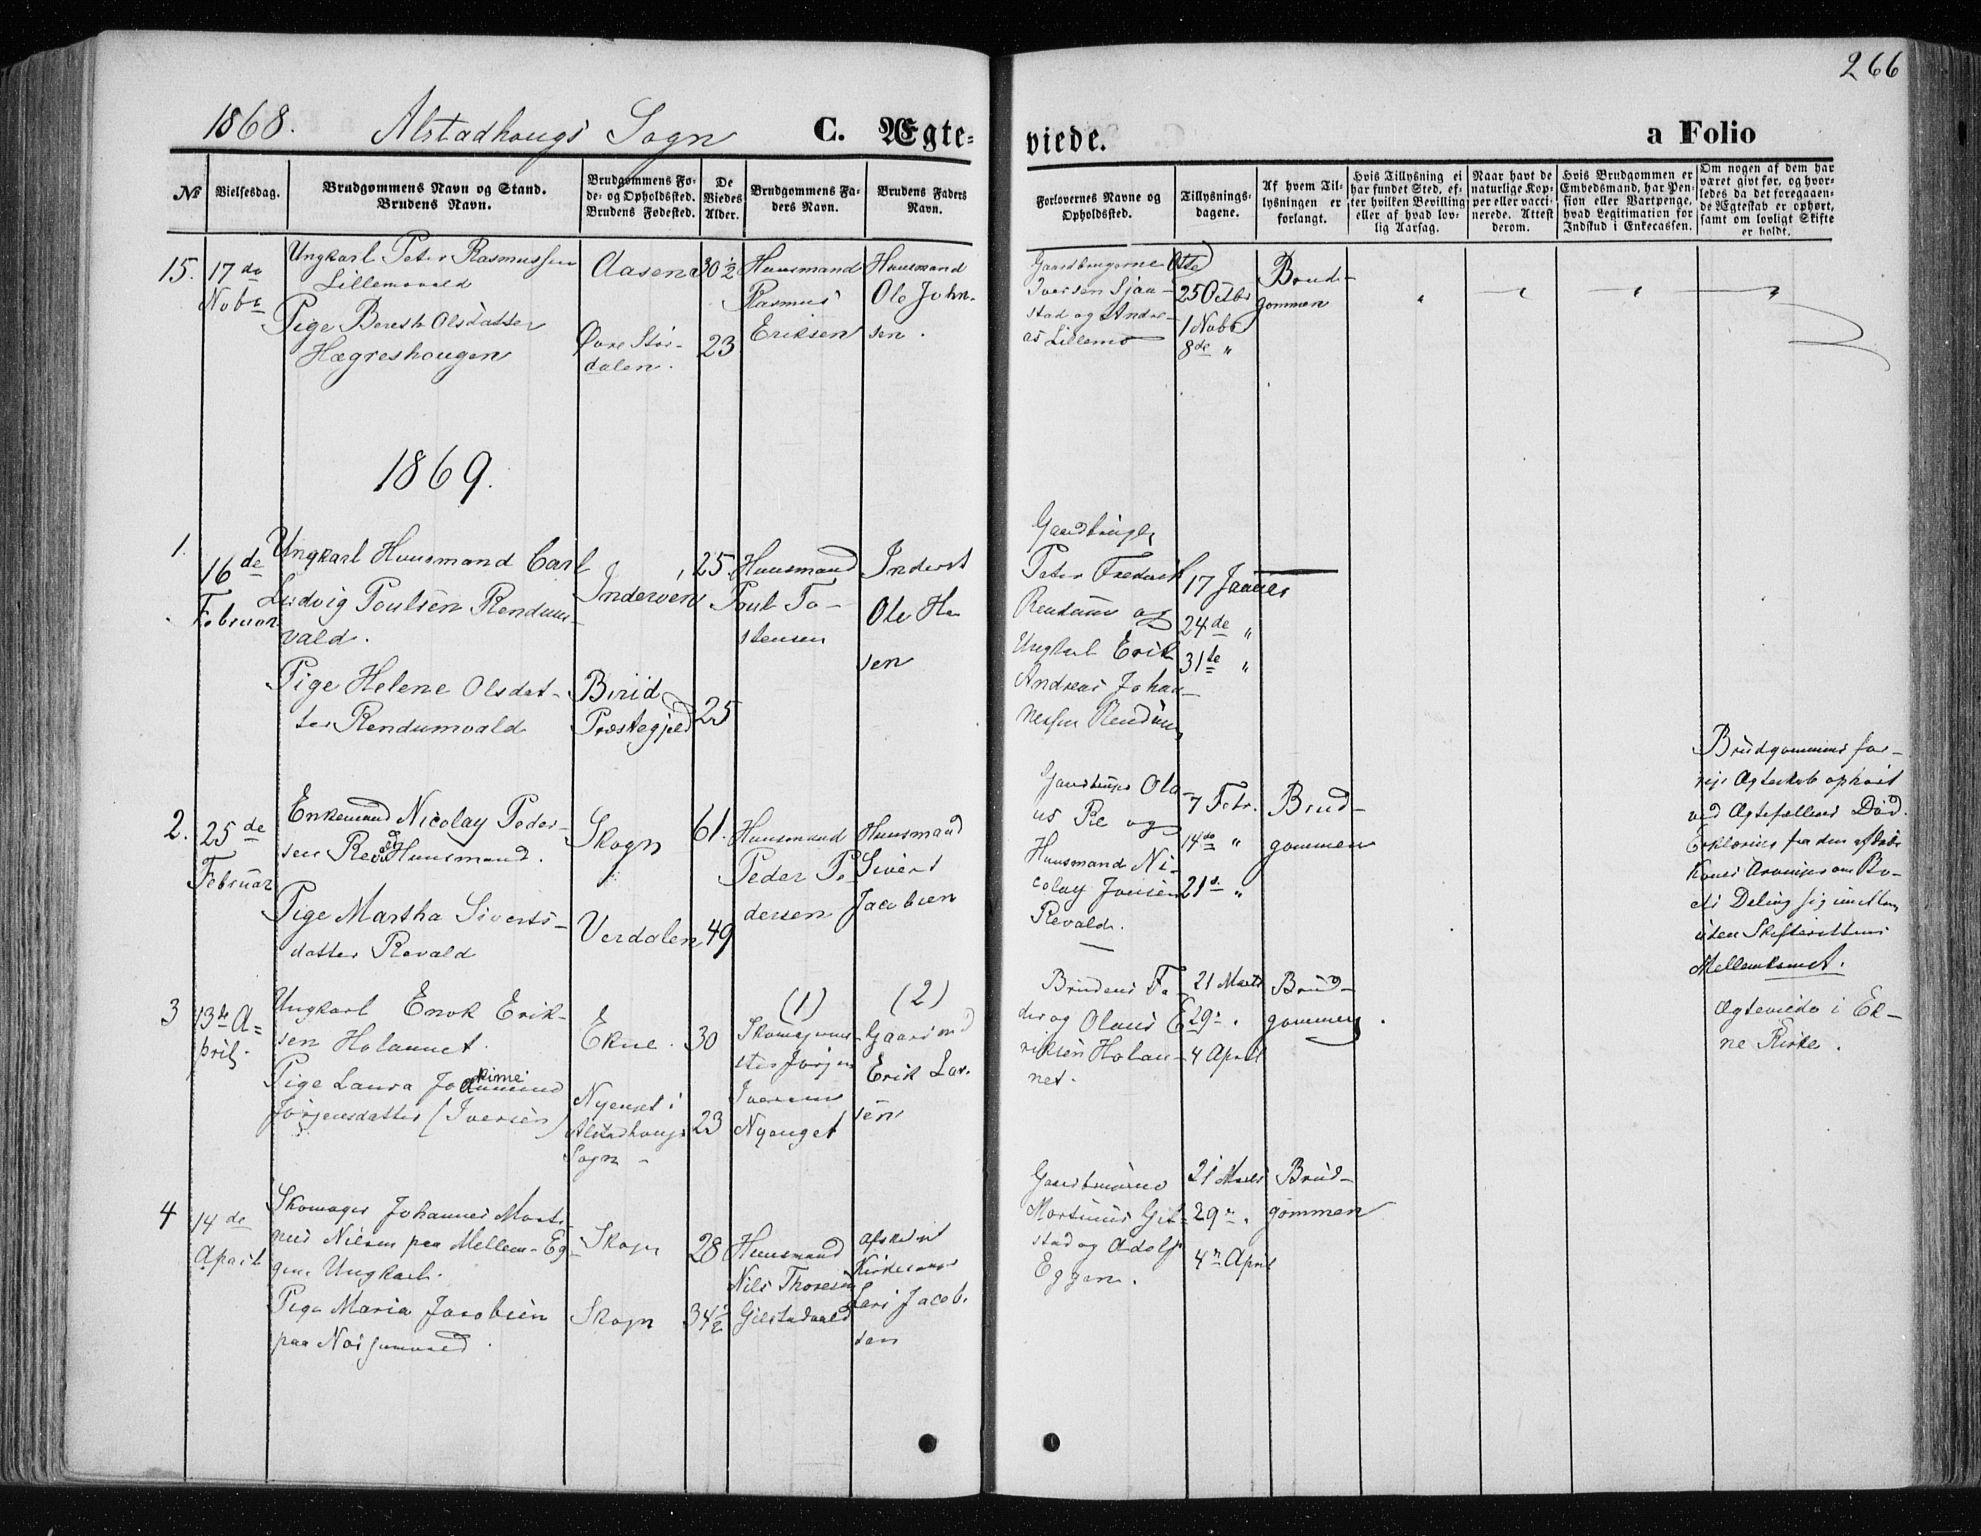 SAT, Ministerialprotokoller, klokkerbøker og fødselsregistre - Nord-Trøndelag, 717/L0157: Ministerialbok nr. 717A08 /1, 1863-1877, s. 266